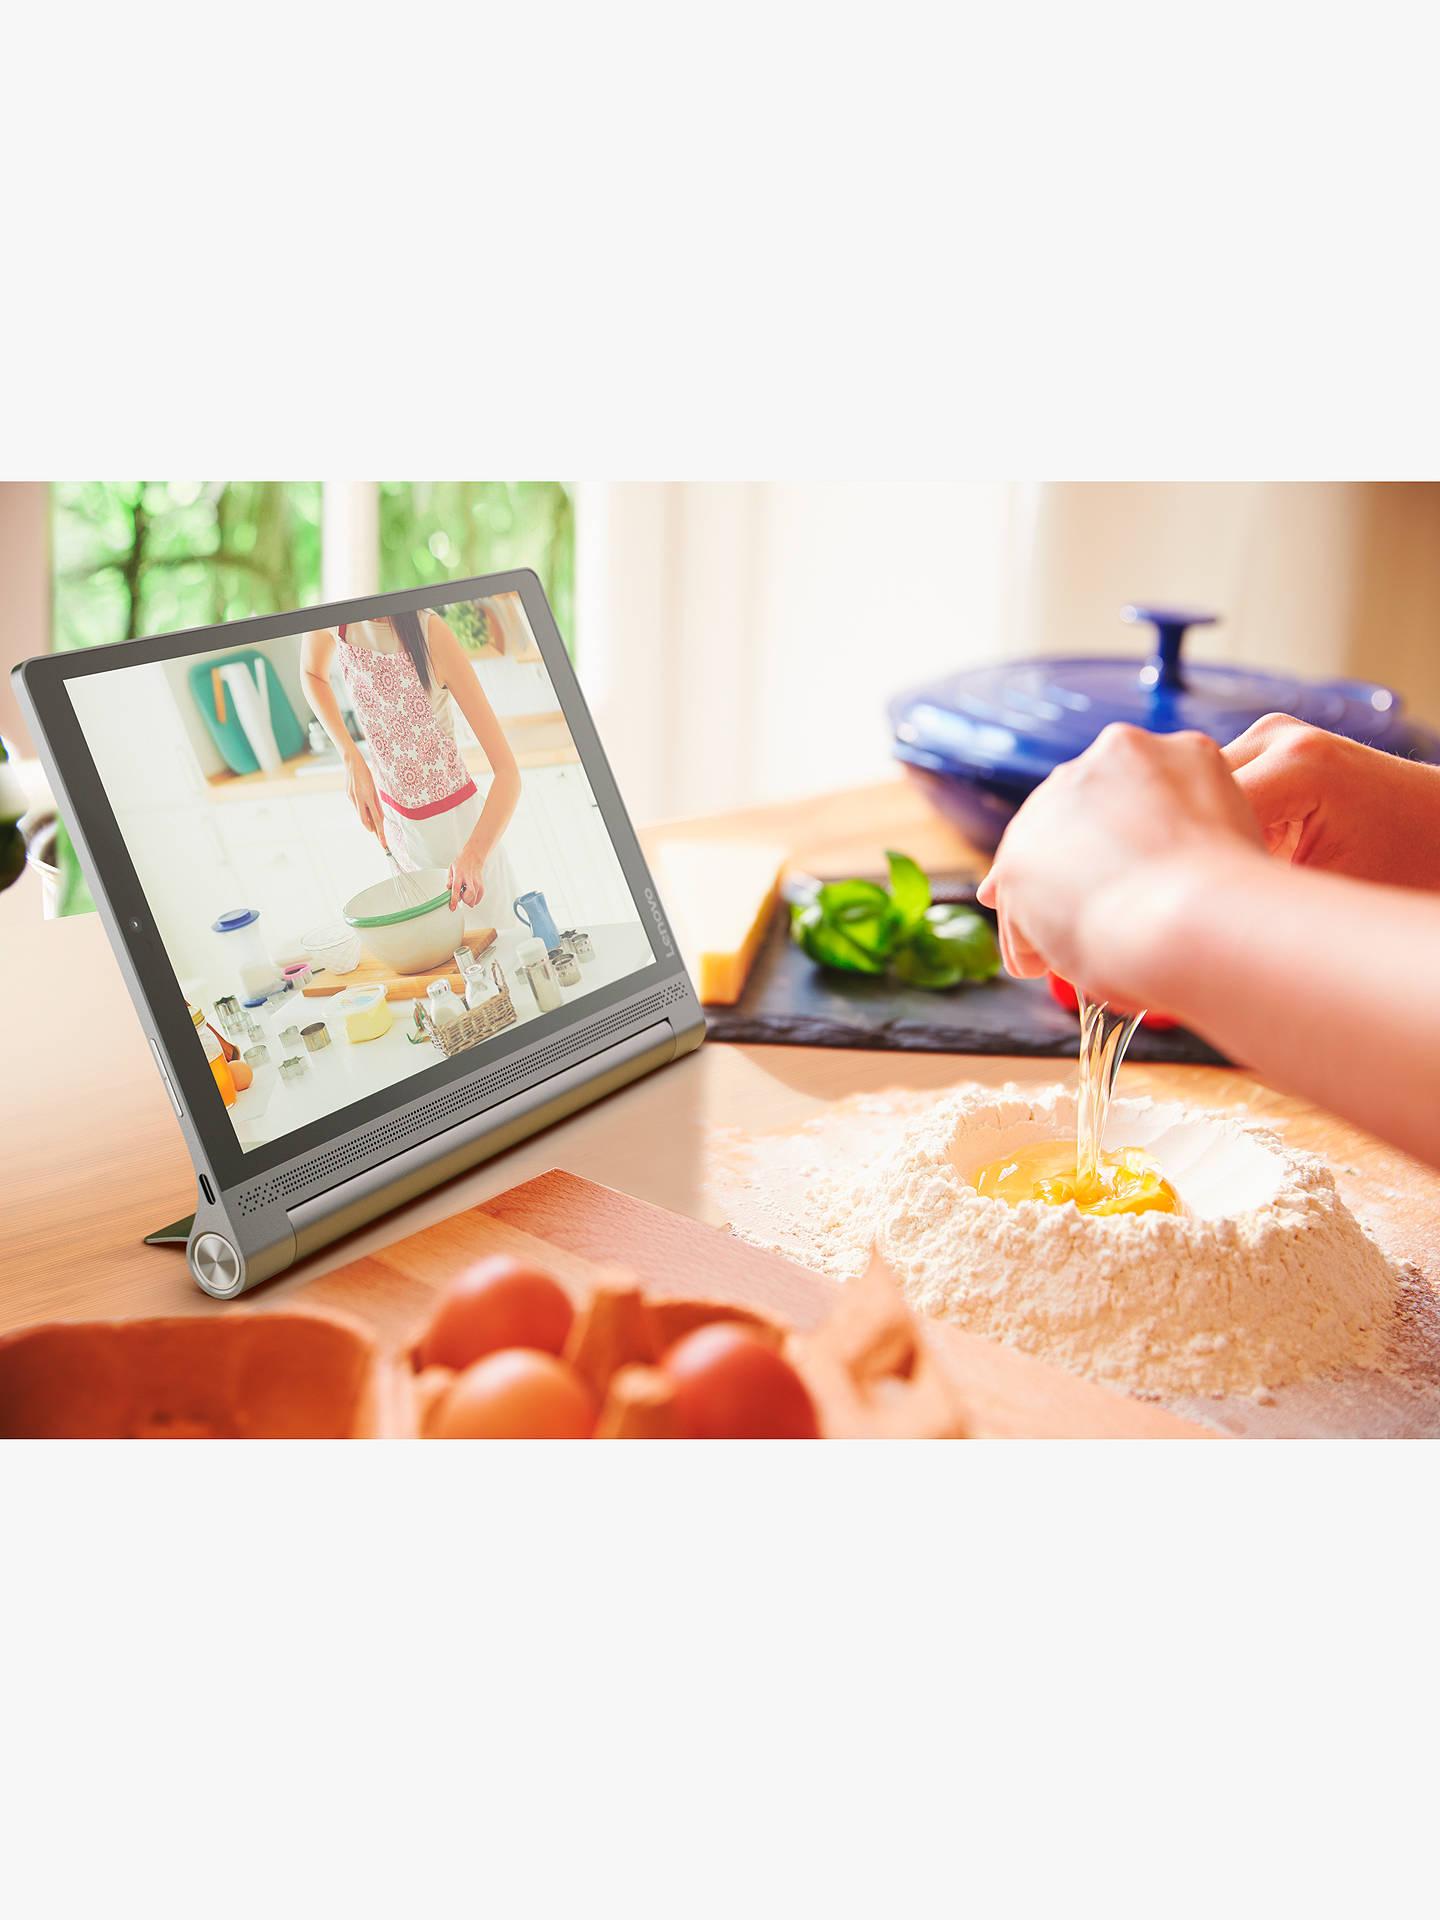 Lenovo YOGA Tab 3 Plus Tablet, Android, 32GB, Wi-Fi, 10 1